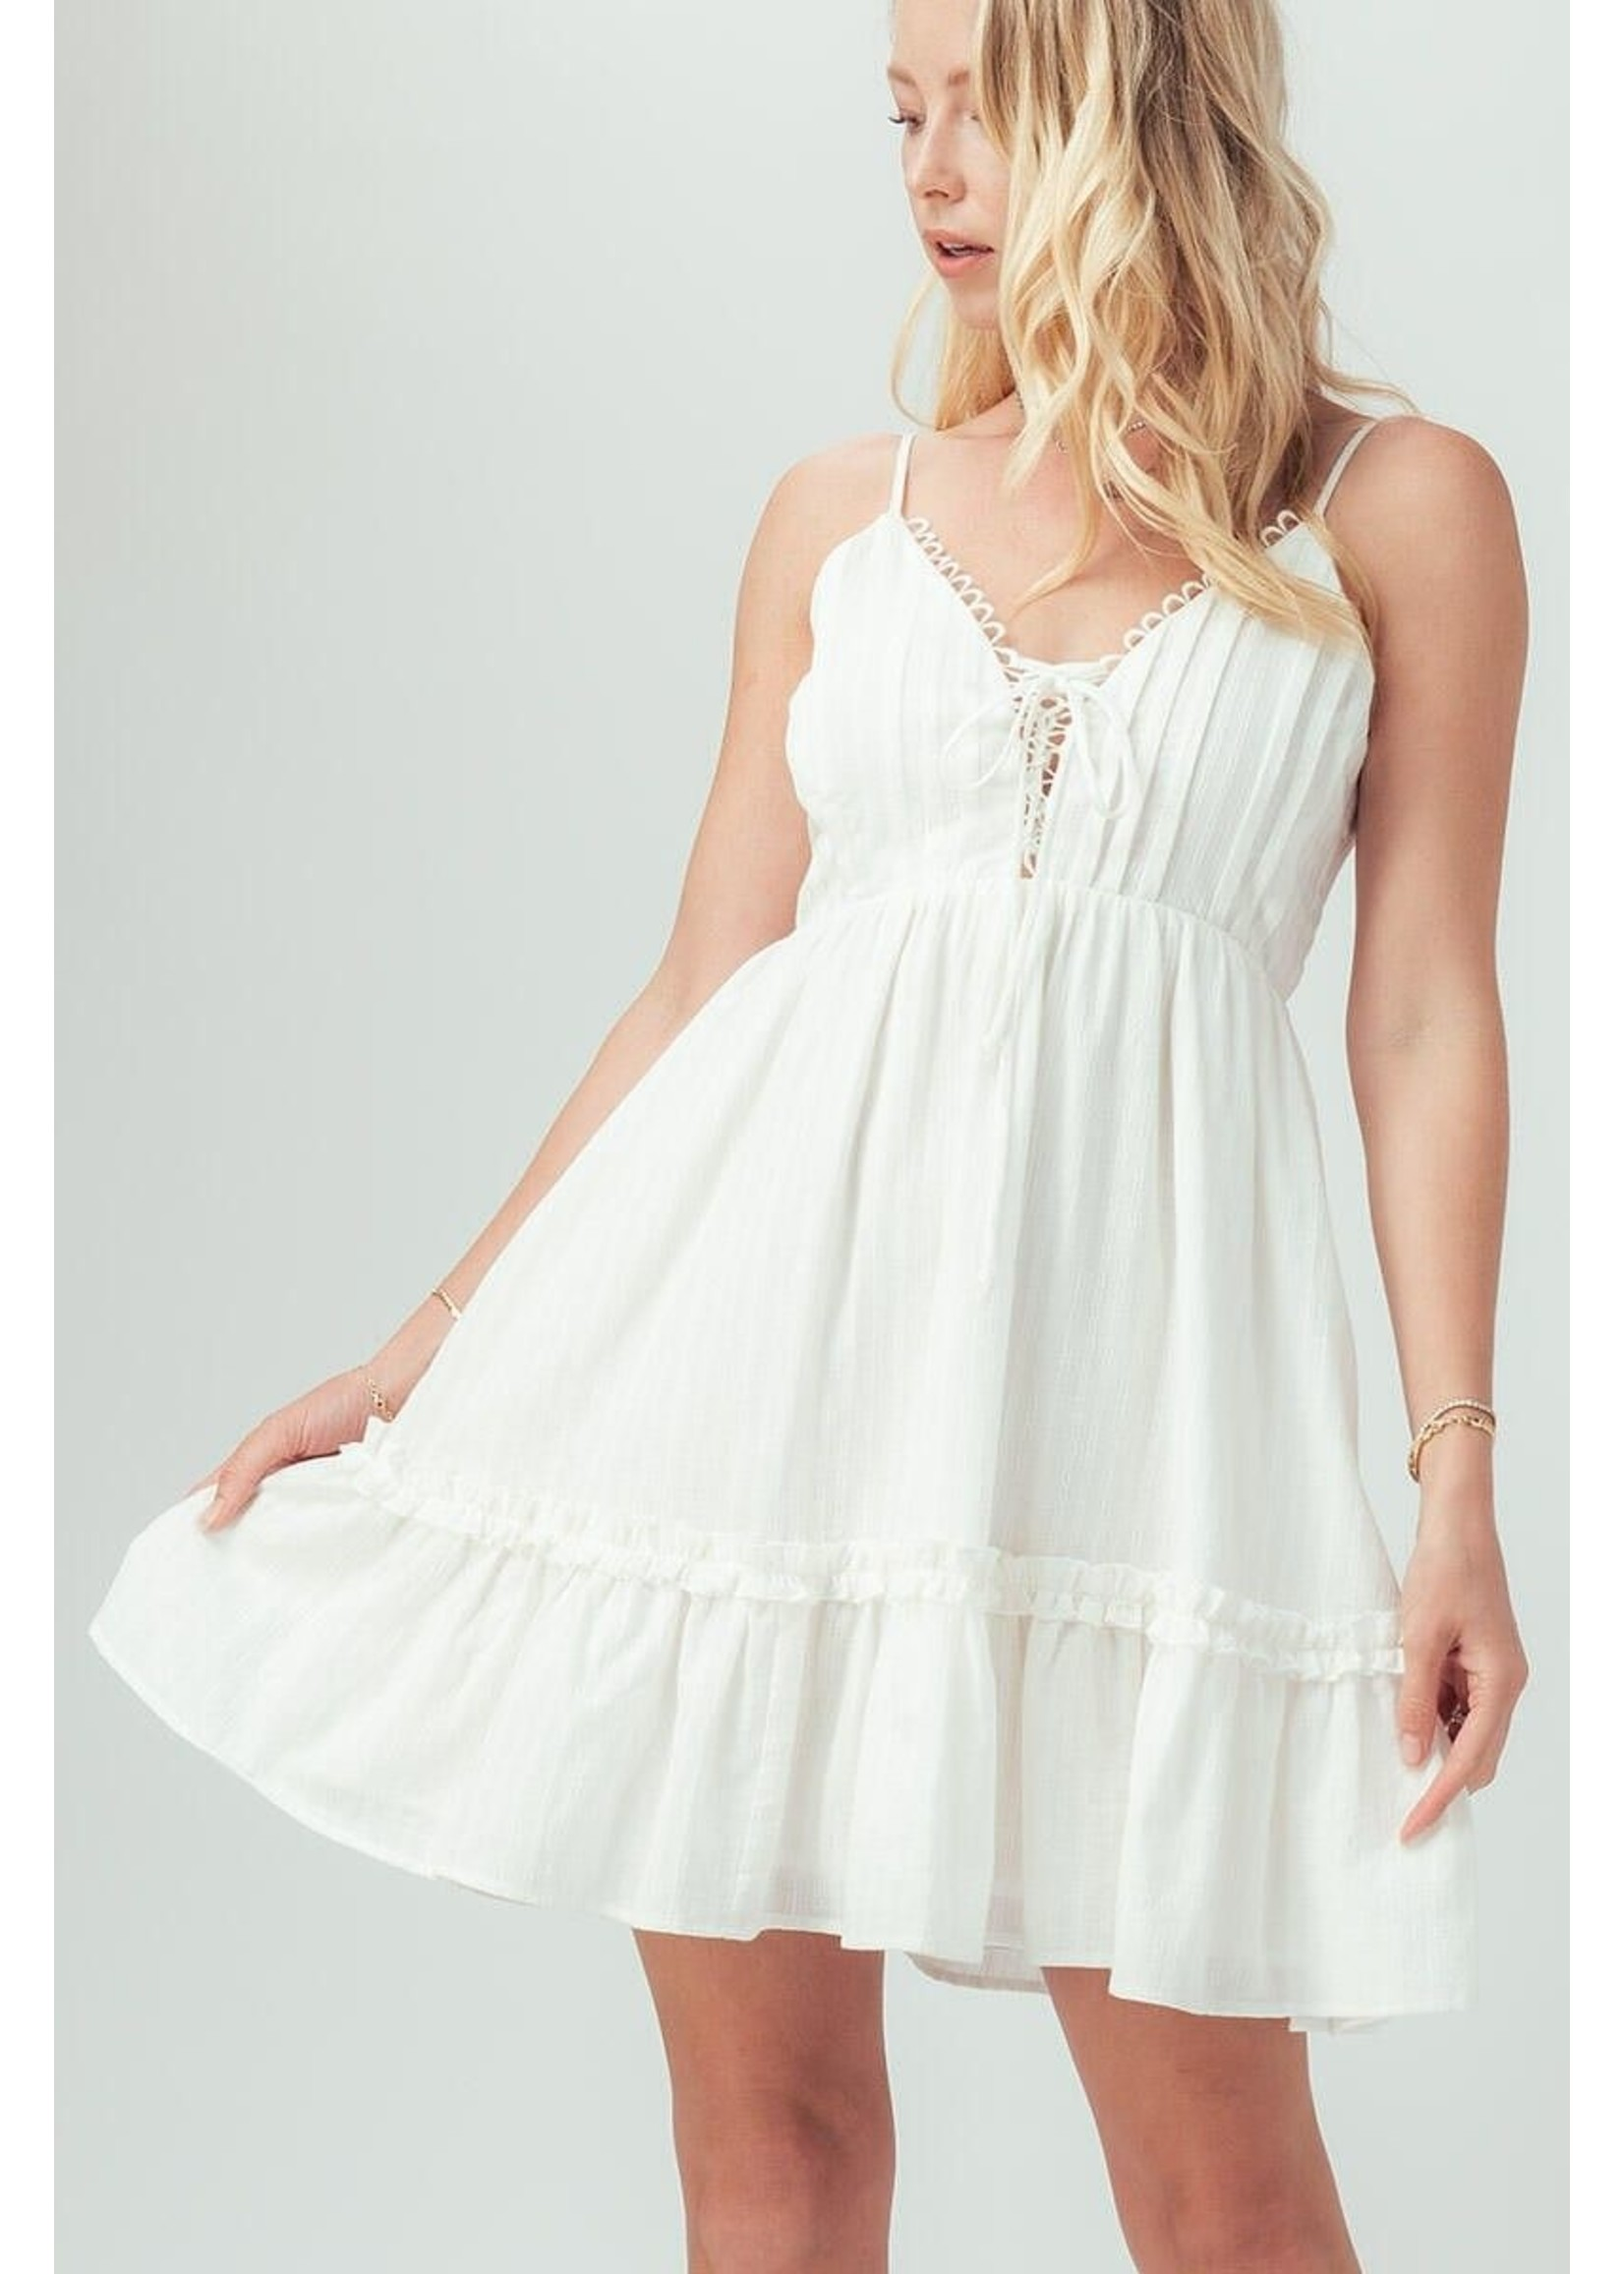 trend : notes Faith & Light Dress White